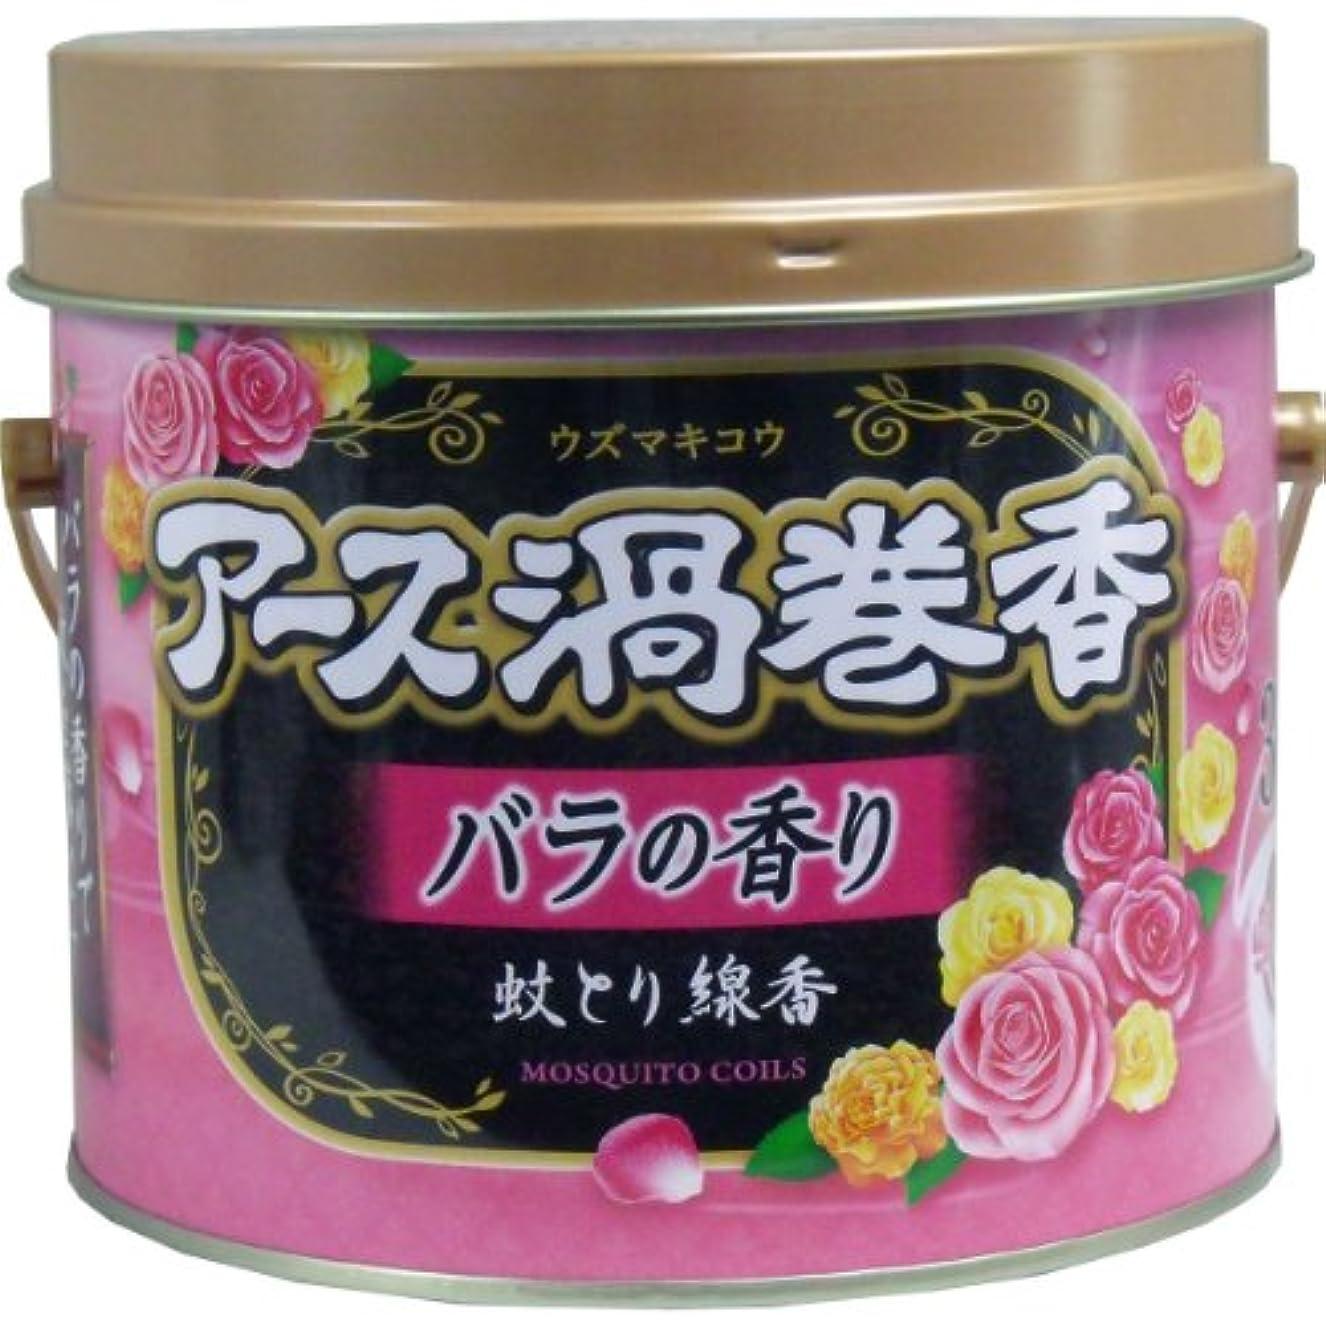 安らぎ切手動詞アース渦巻香 蚊とり線香 バラの香り 30巻